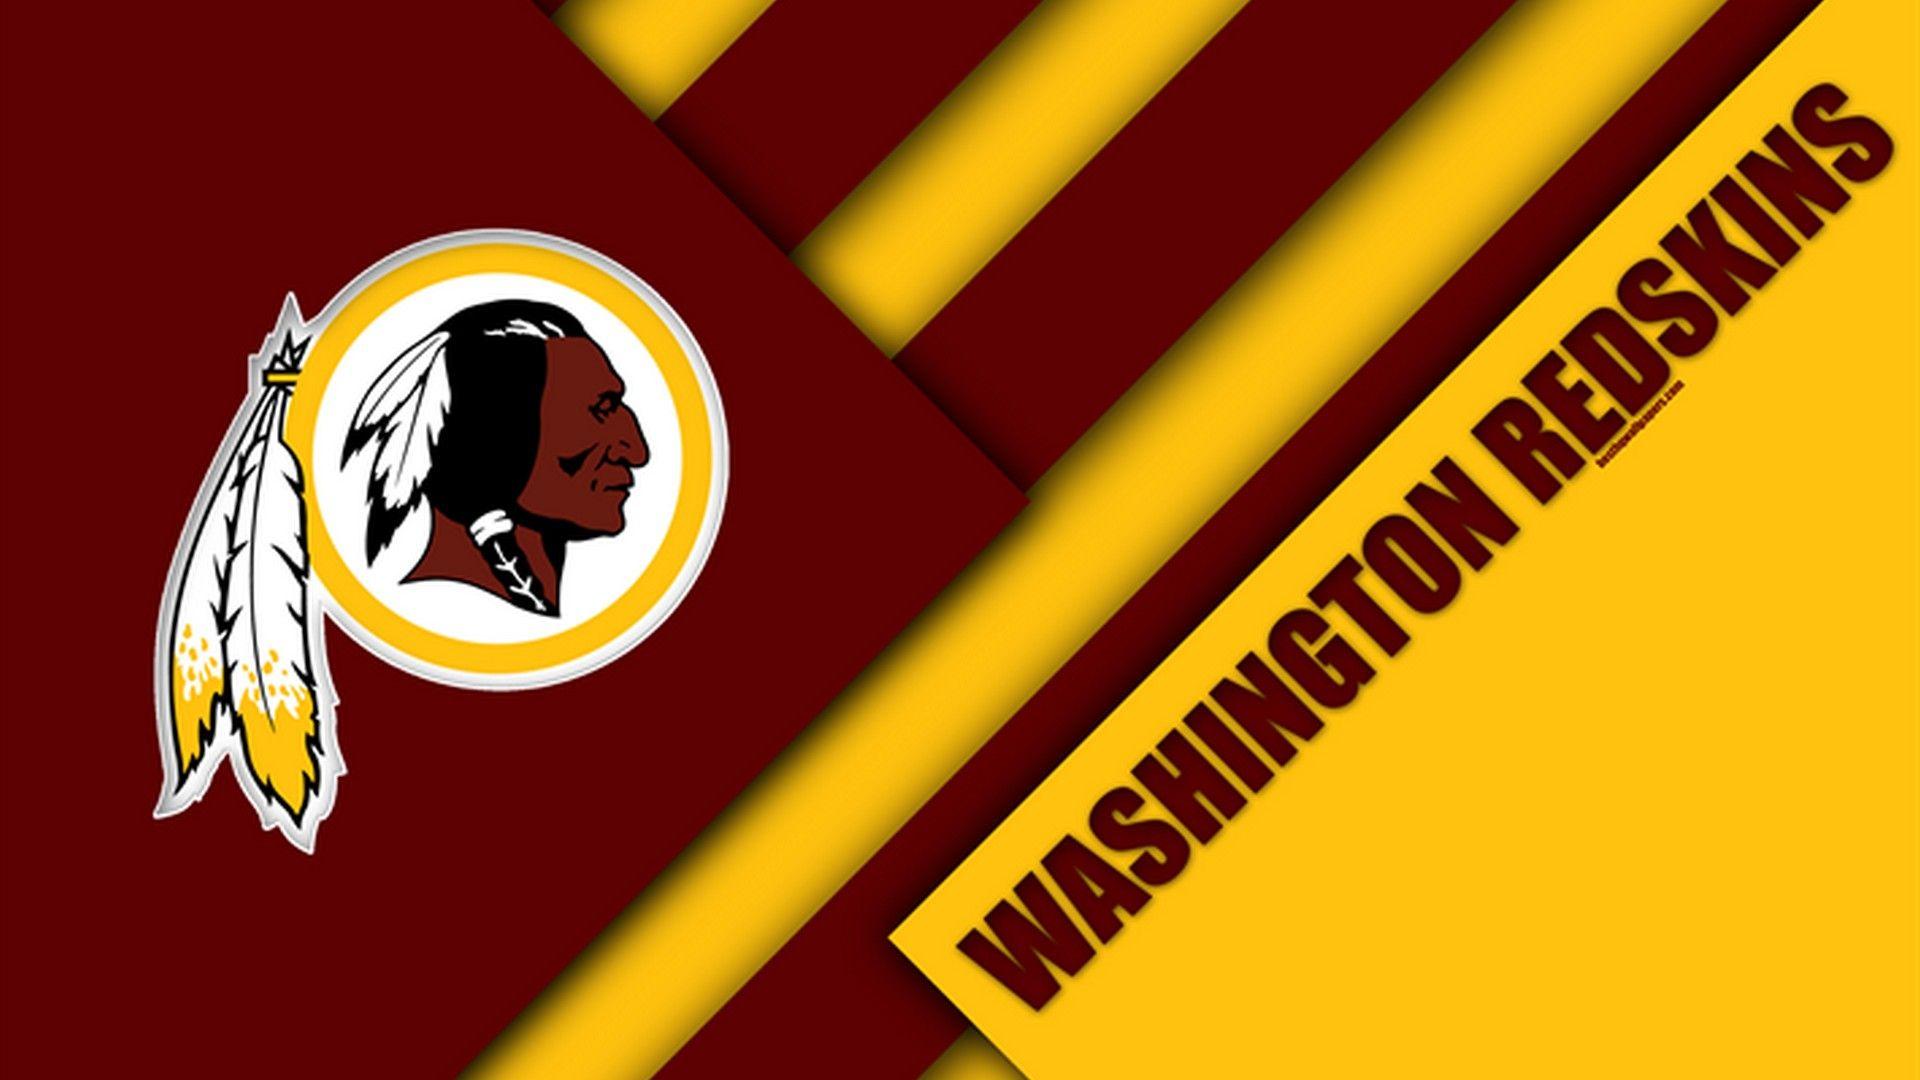 Washington Redskins Wallpapers   Top Washington Redskins 1920x1080